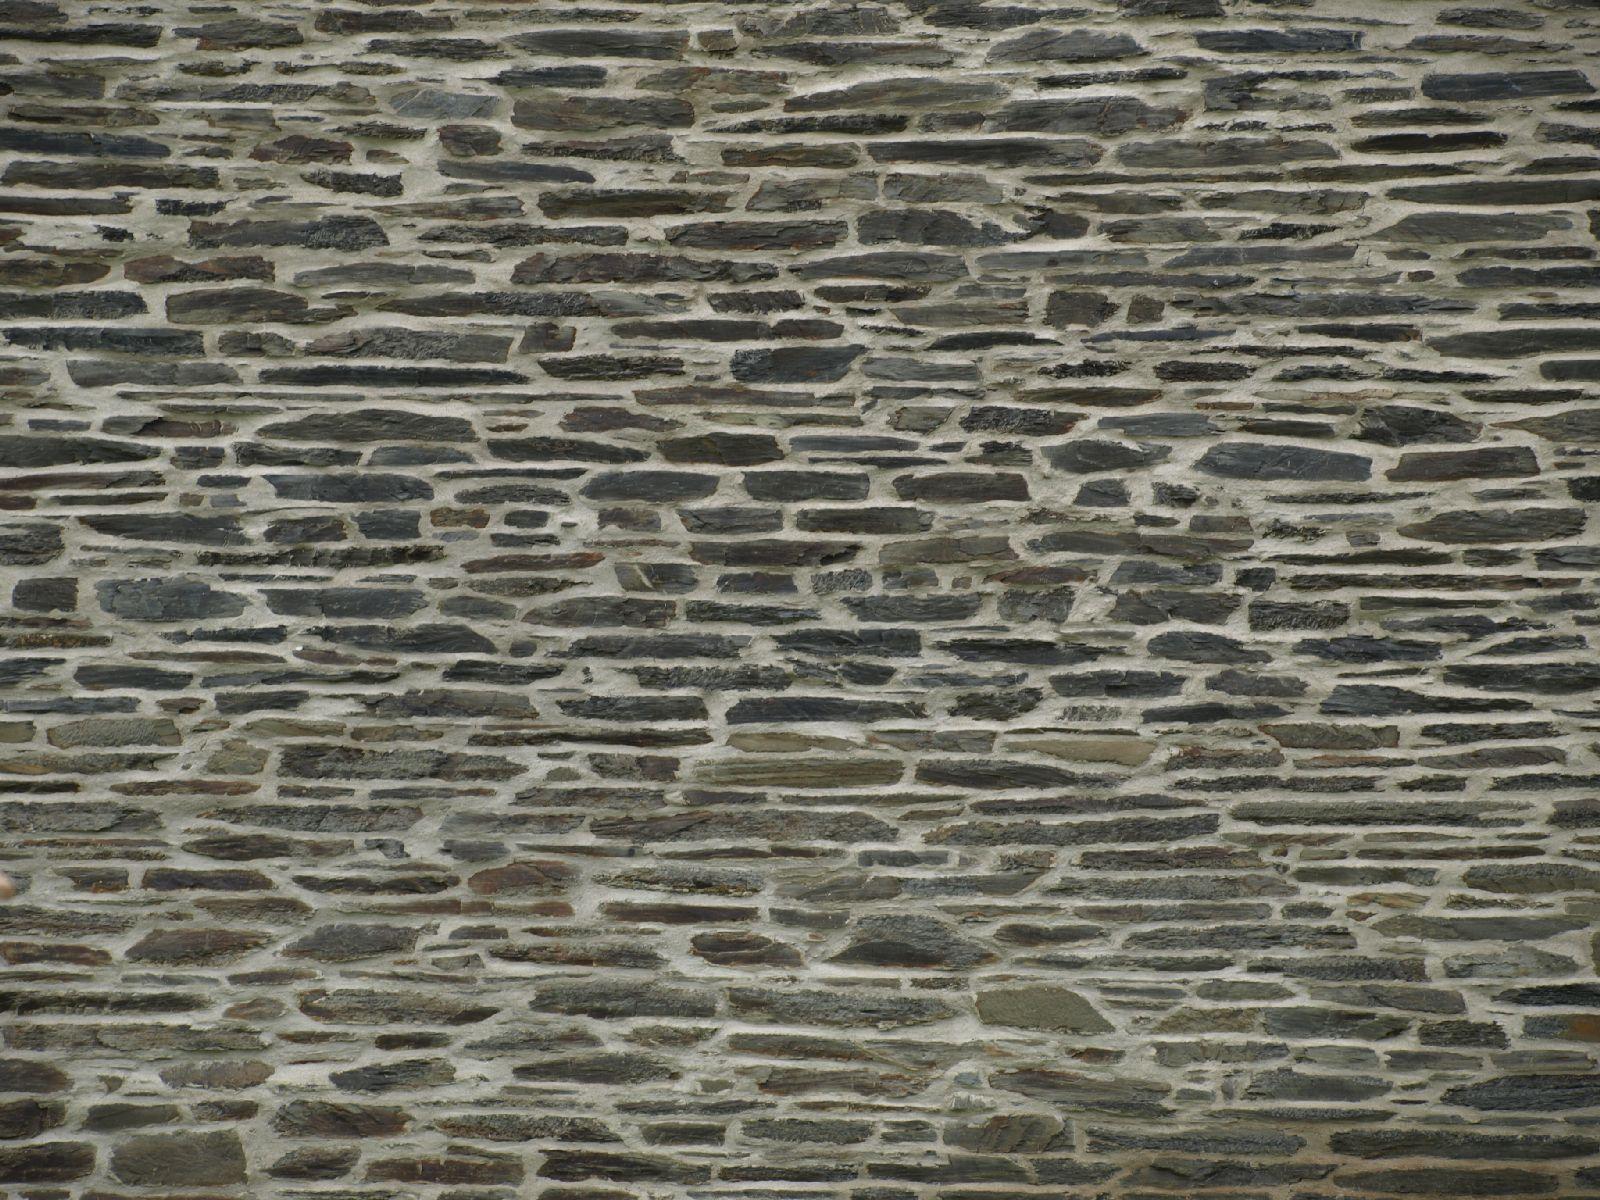 Wand-Bruchstein_Textur_A_P6036066